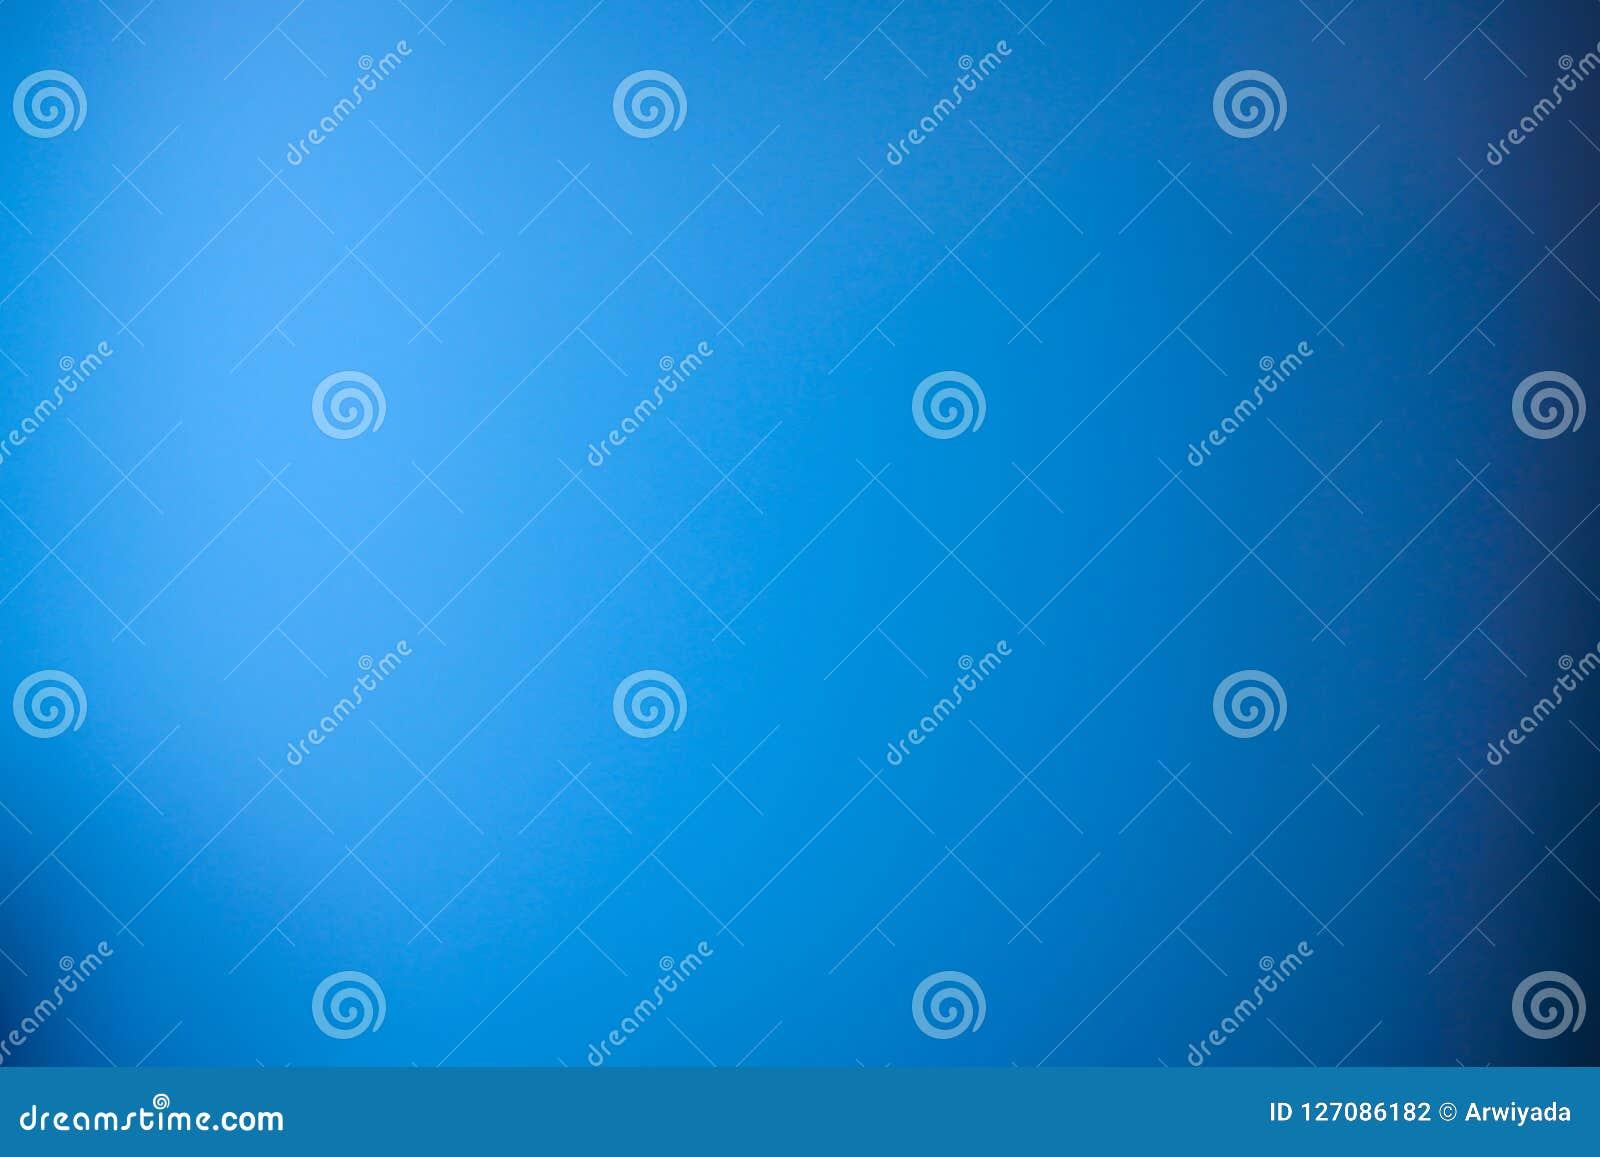 Pendiente azul de la falta de definición del extracto del fondo con el wh limpio brillante de la marina de guerra